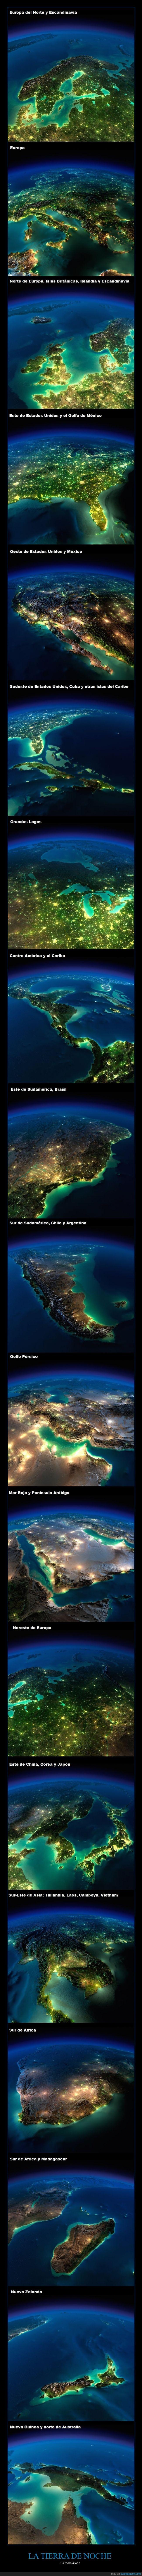 geografia,impresionante,noche,nocturno,planeta,satélite,Tierra